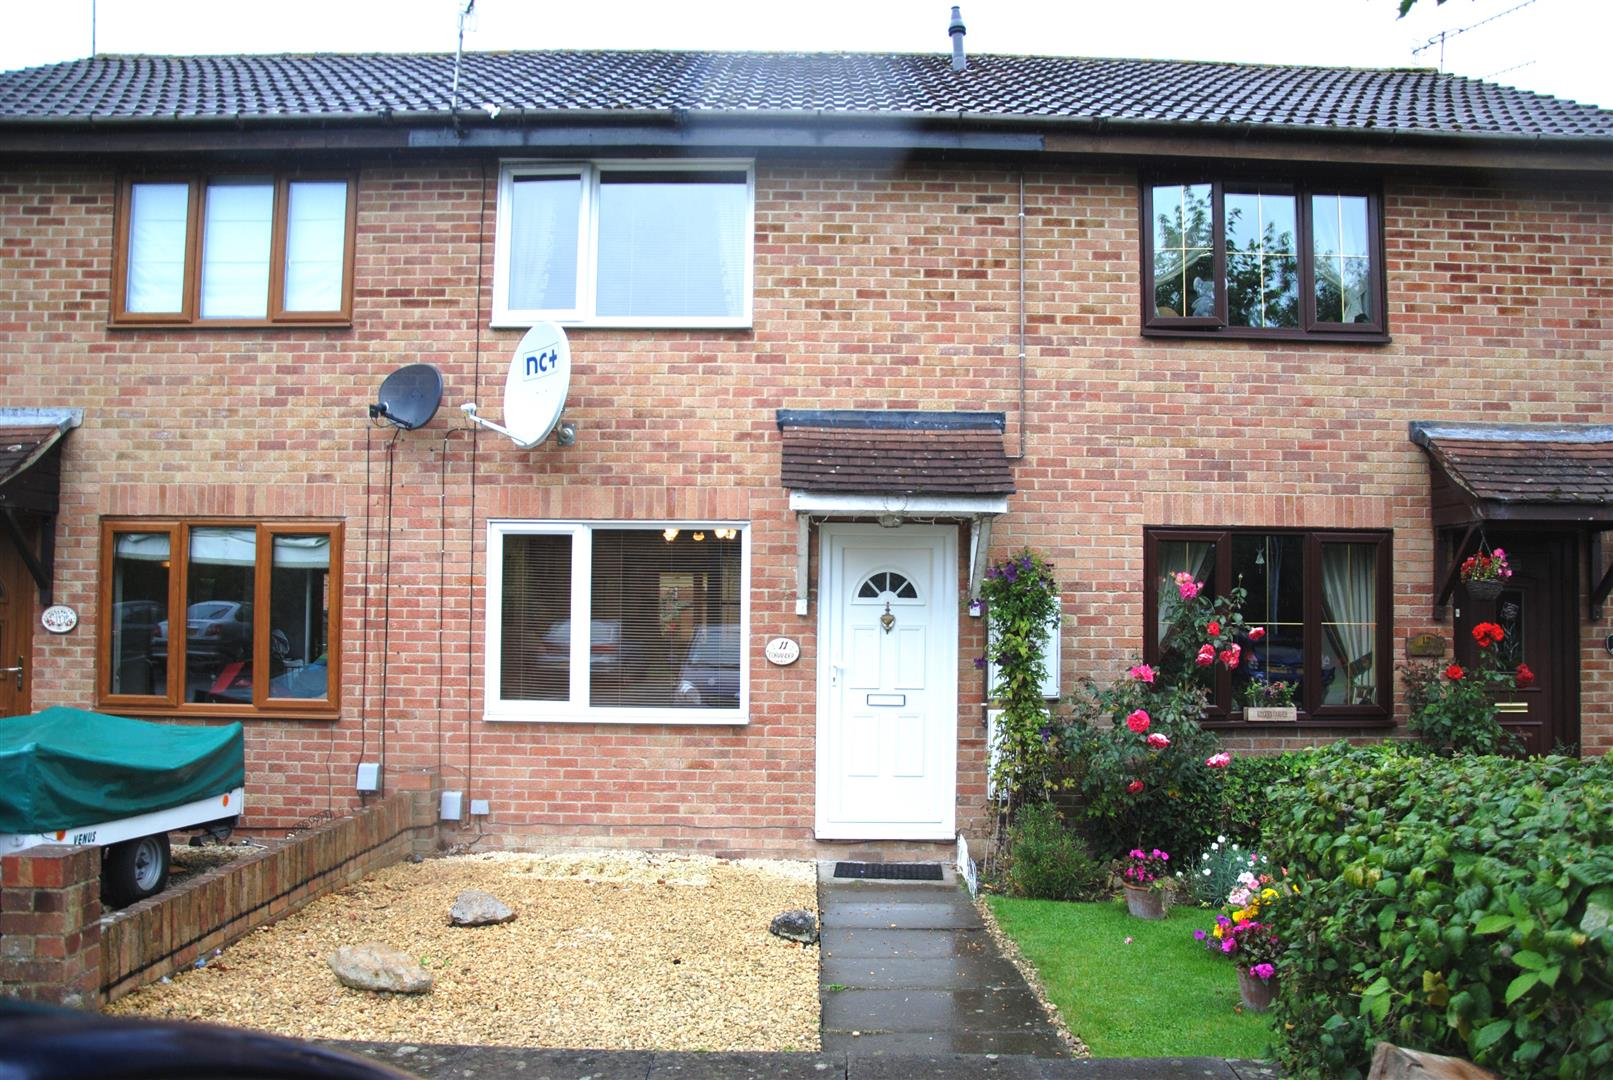 2 Bedrooms Terraced House for sale in Coriander Way, Hayden Wick, Swindon